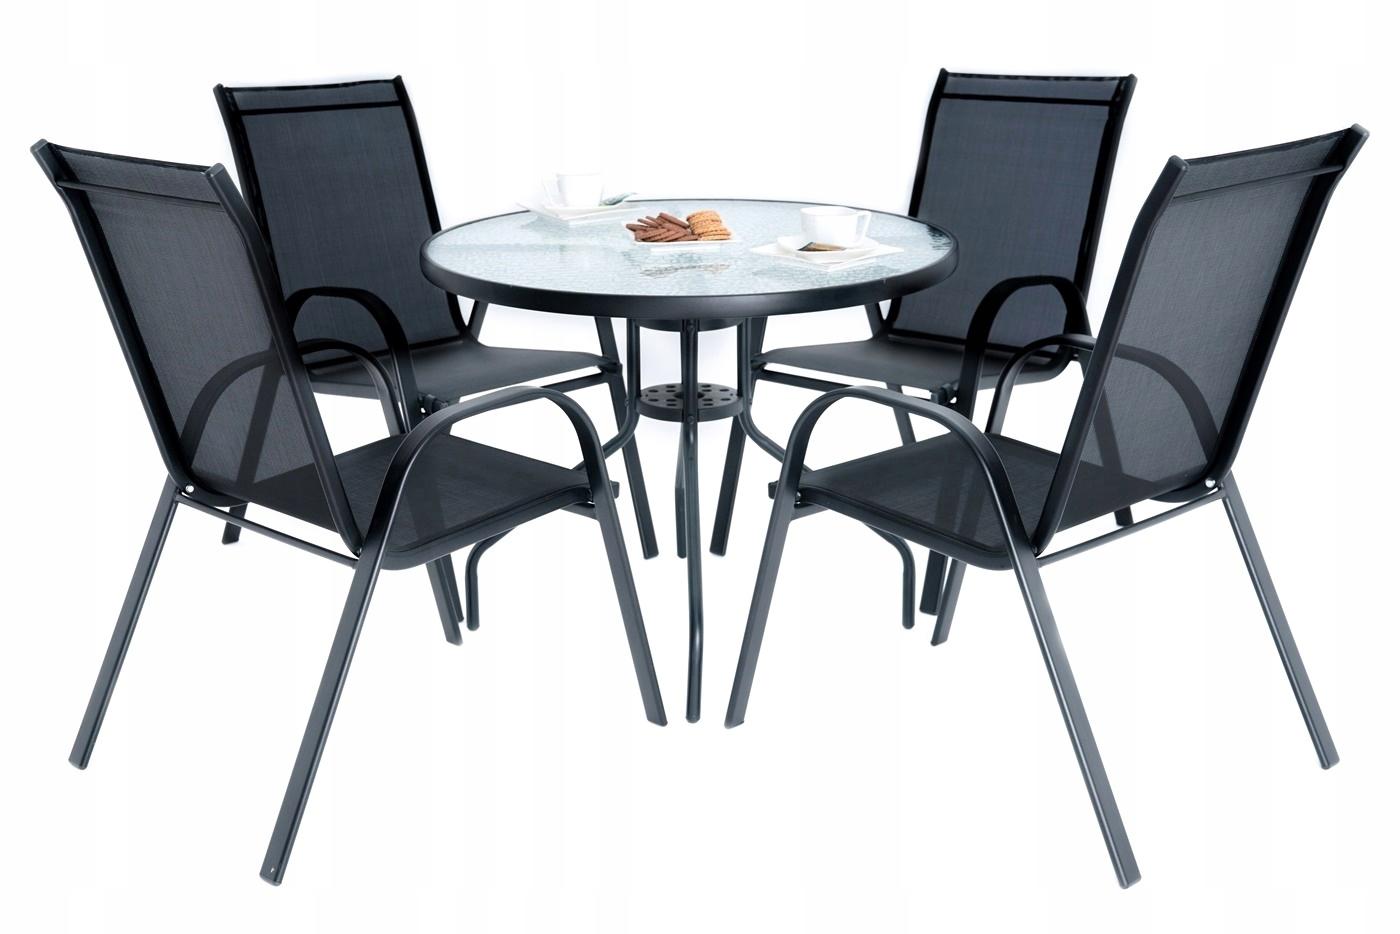 SKLENENÝ jedálenský STÔL + 4 stoličky NASTAVIŤ BALKANIKA 90x60 cm